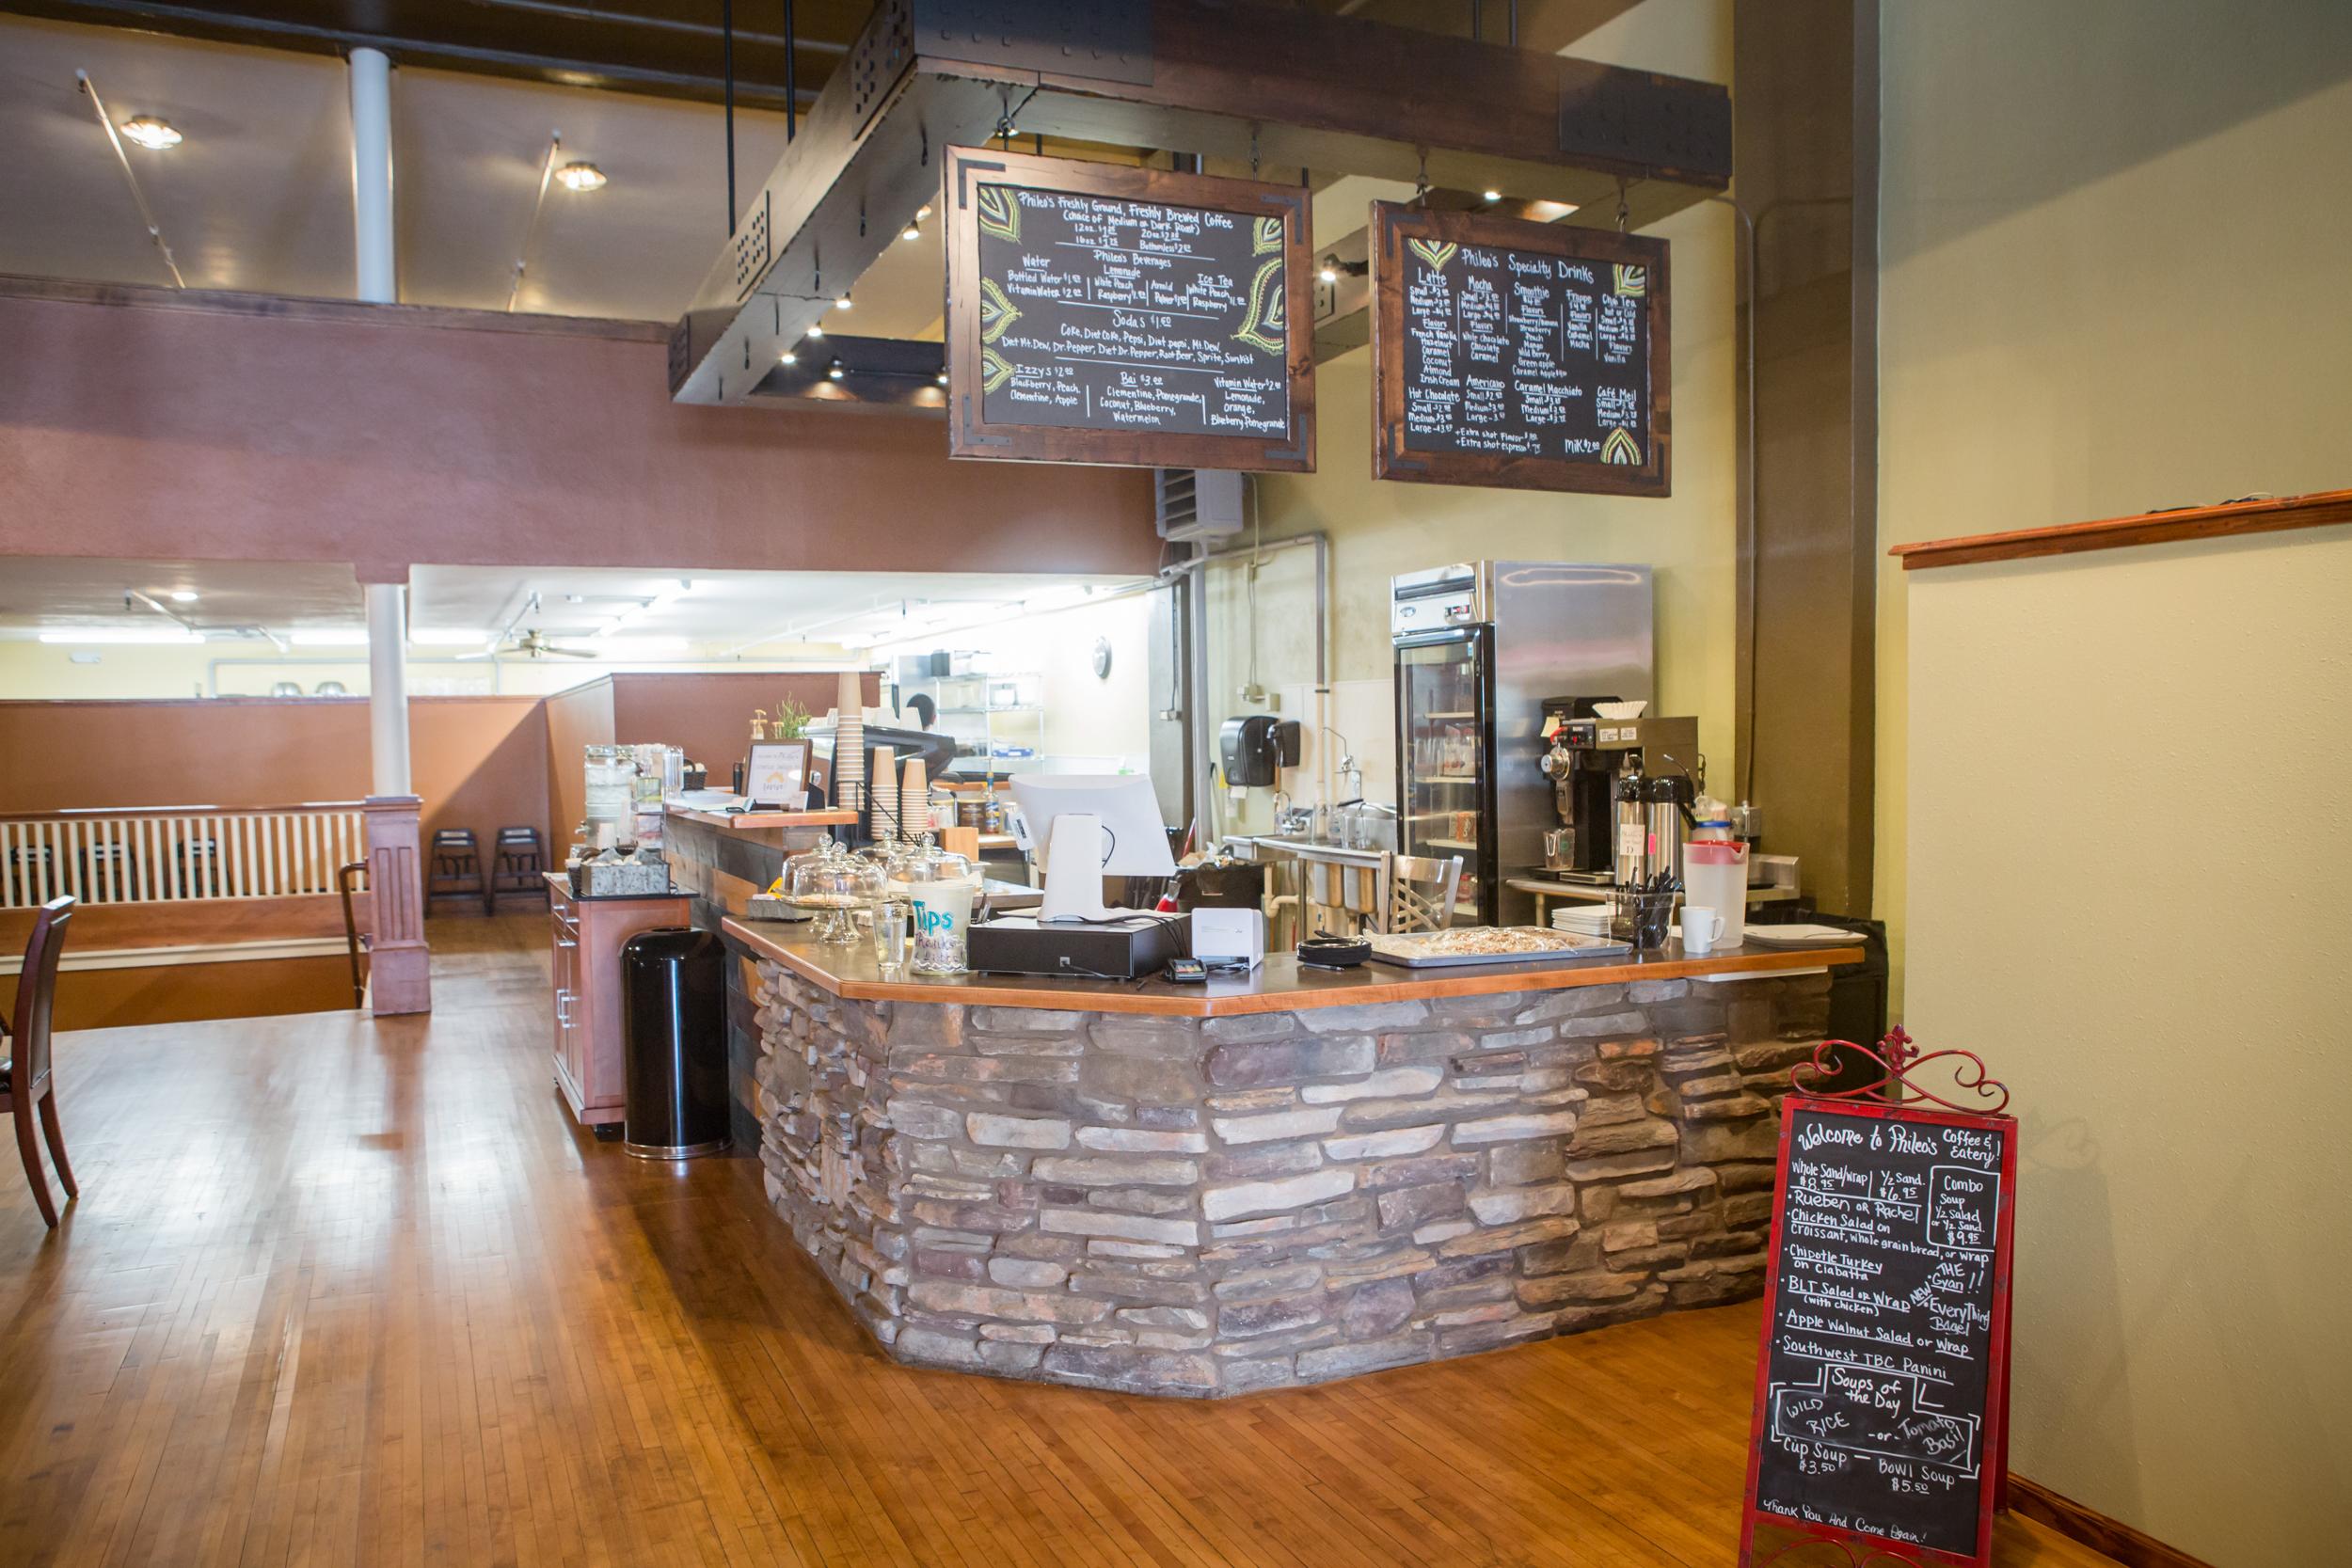 Phileo's Coffee & Eatery/Journey